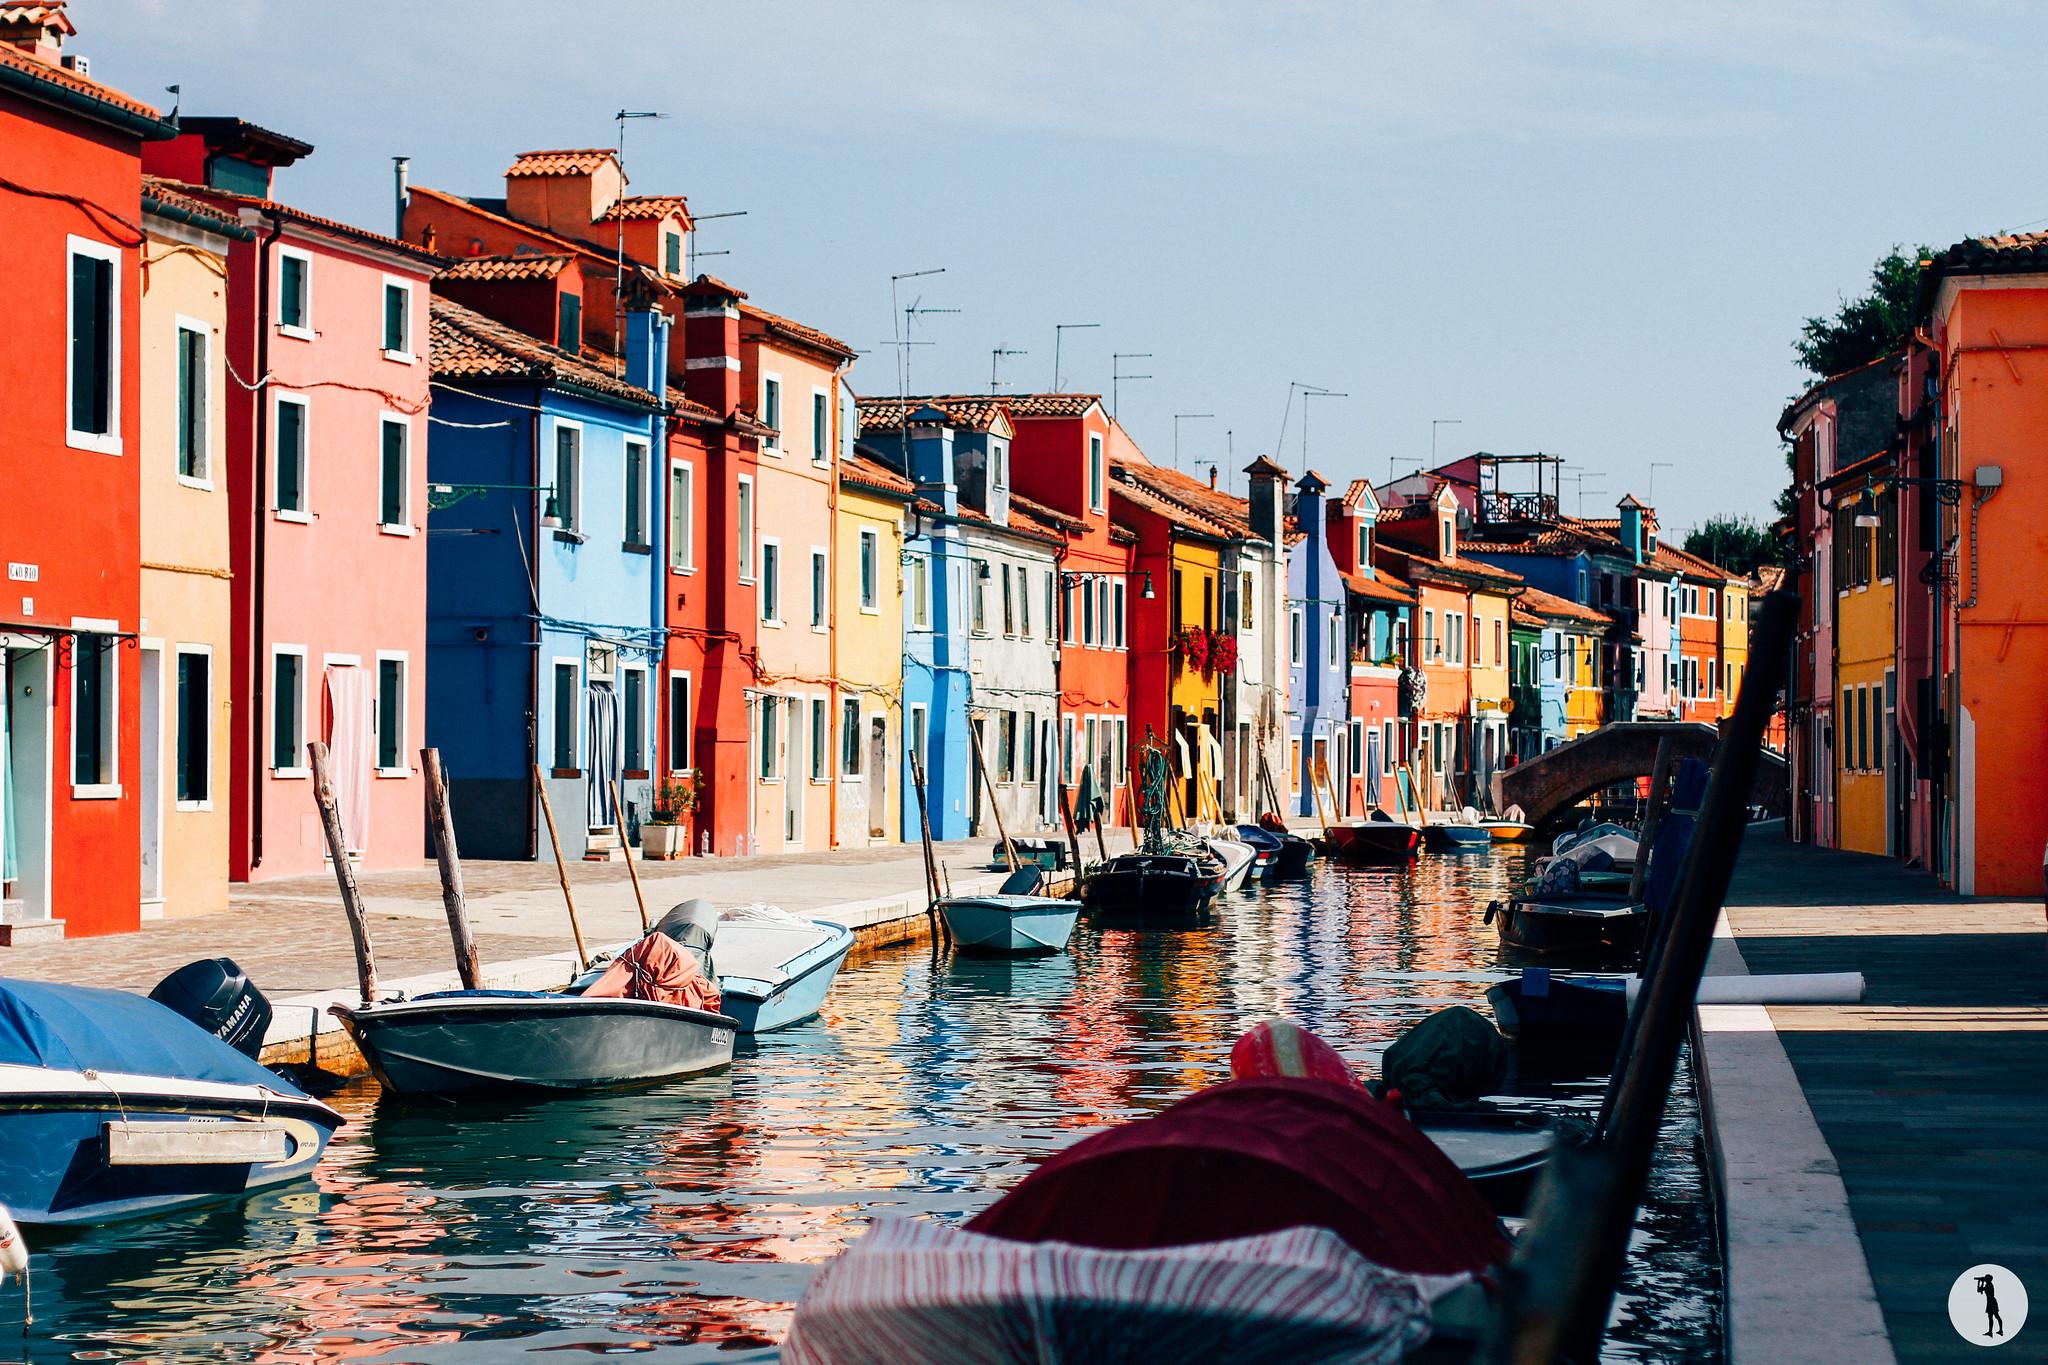 Voyage. Burano, Italie. Maisons colorées. Canal